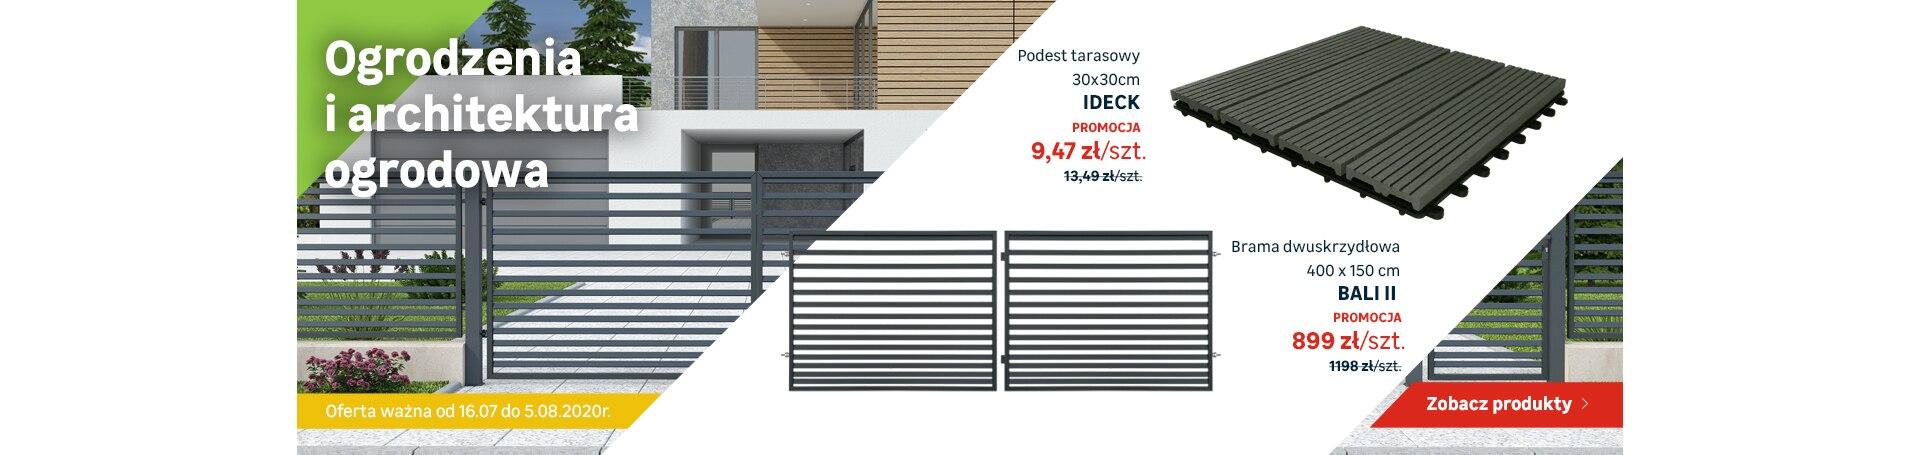 ps-architektura-ogrodowa-15.07-05.08.2020-1323x455